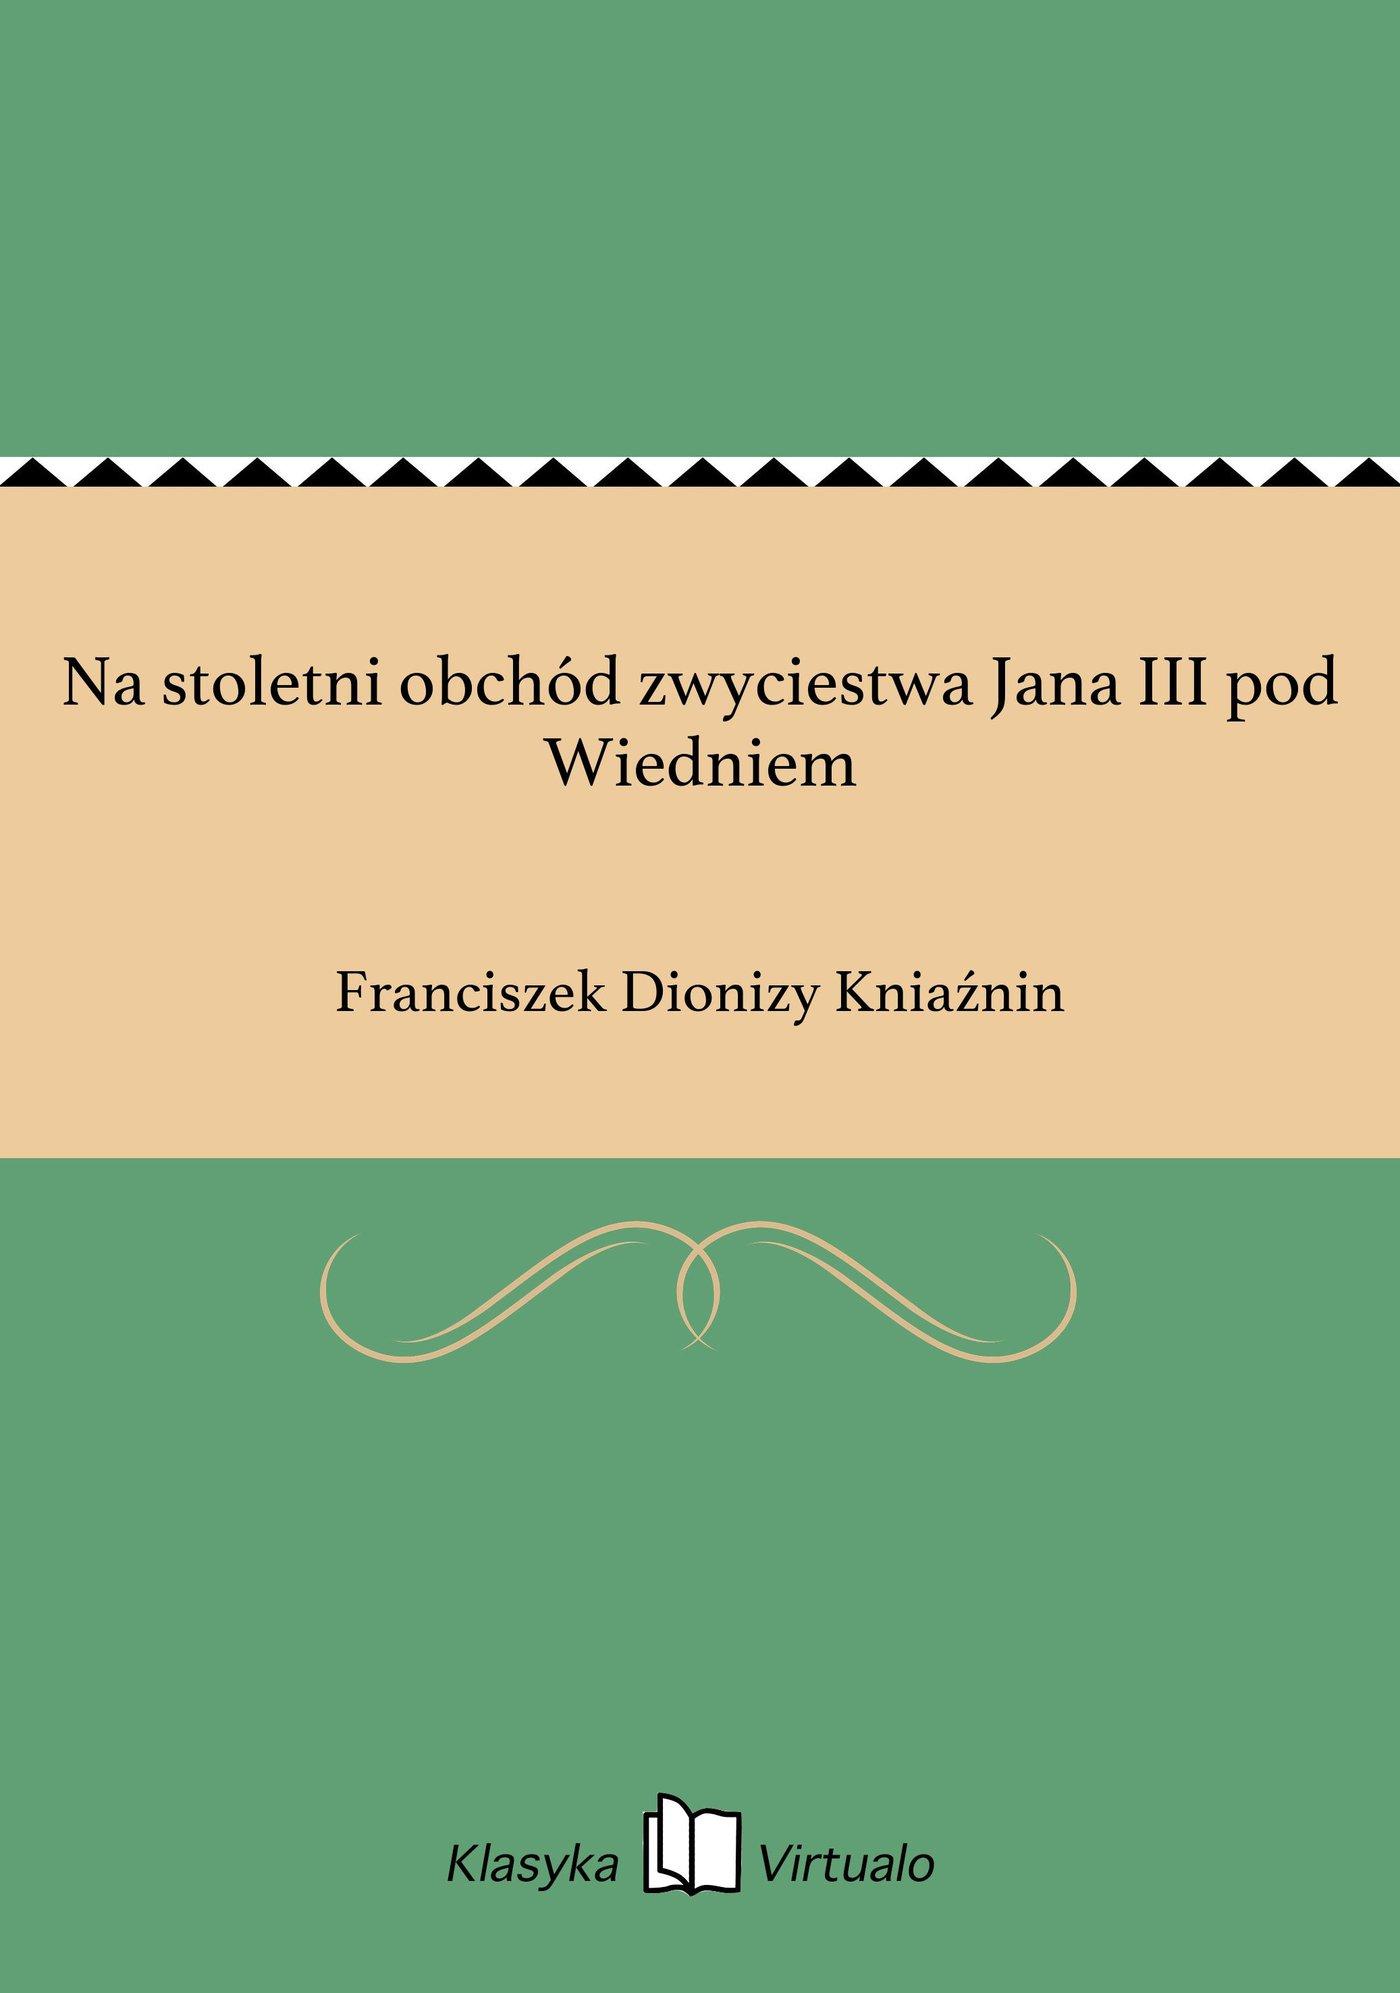 Na stoletni obchód zwyciestwa Jana III pod Wiedniem - Ebook (Książka EPUB) do pobrania w formacie EPUB